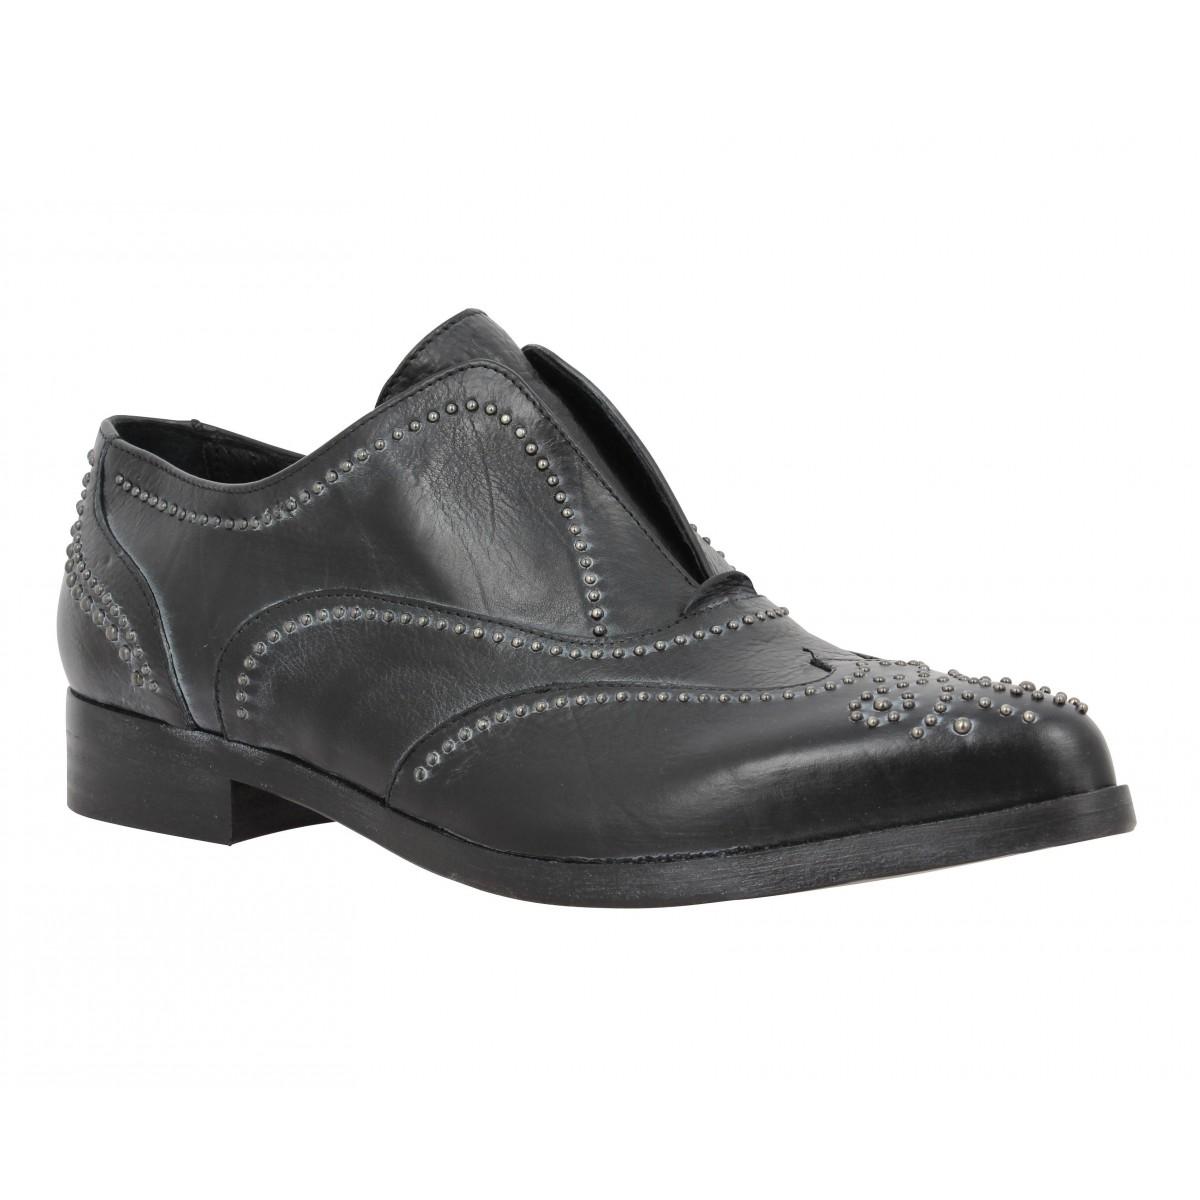 Chaussures à lacets MIMMU 2842 cuir Femme Noir